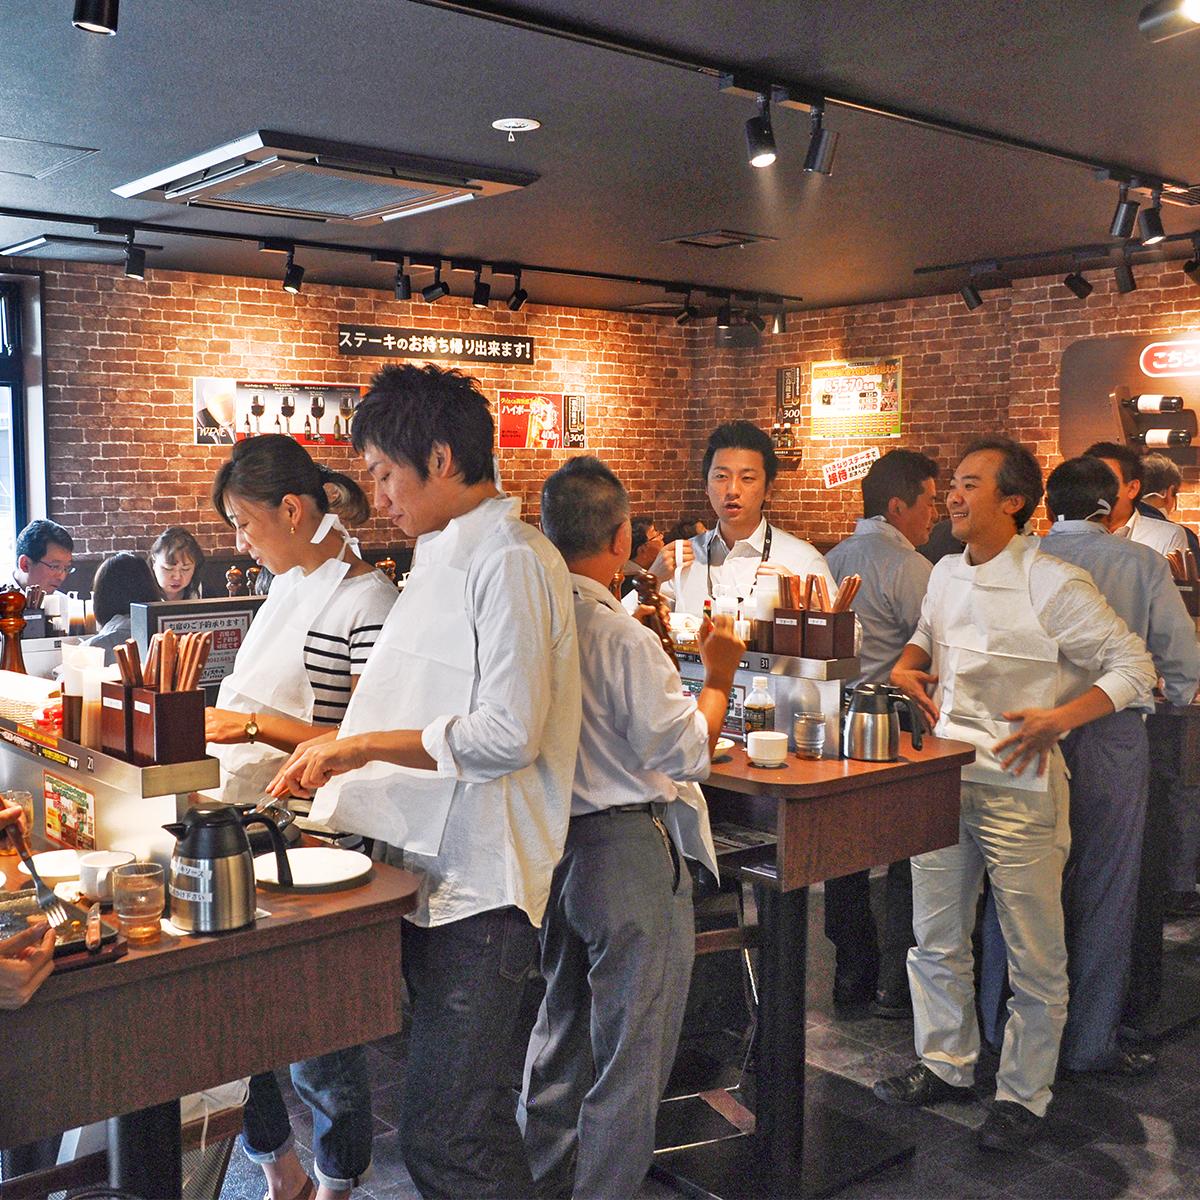 ikinari steak restaurant